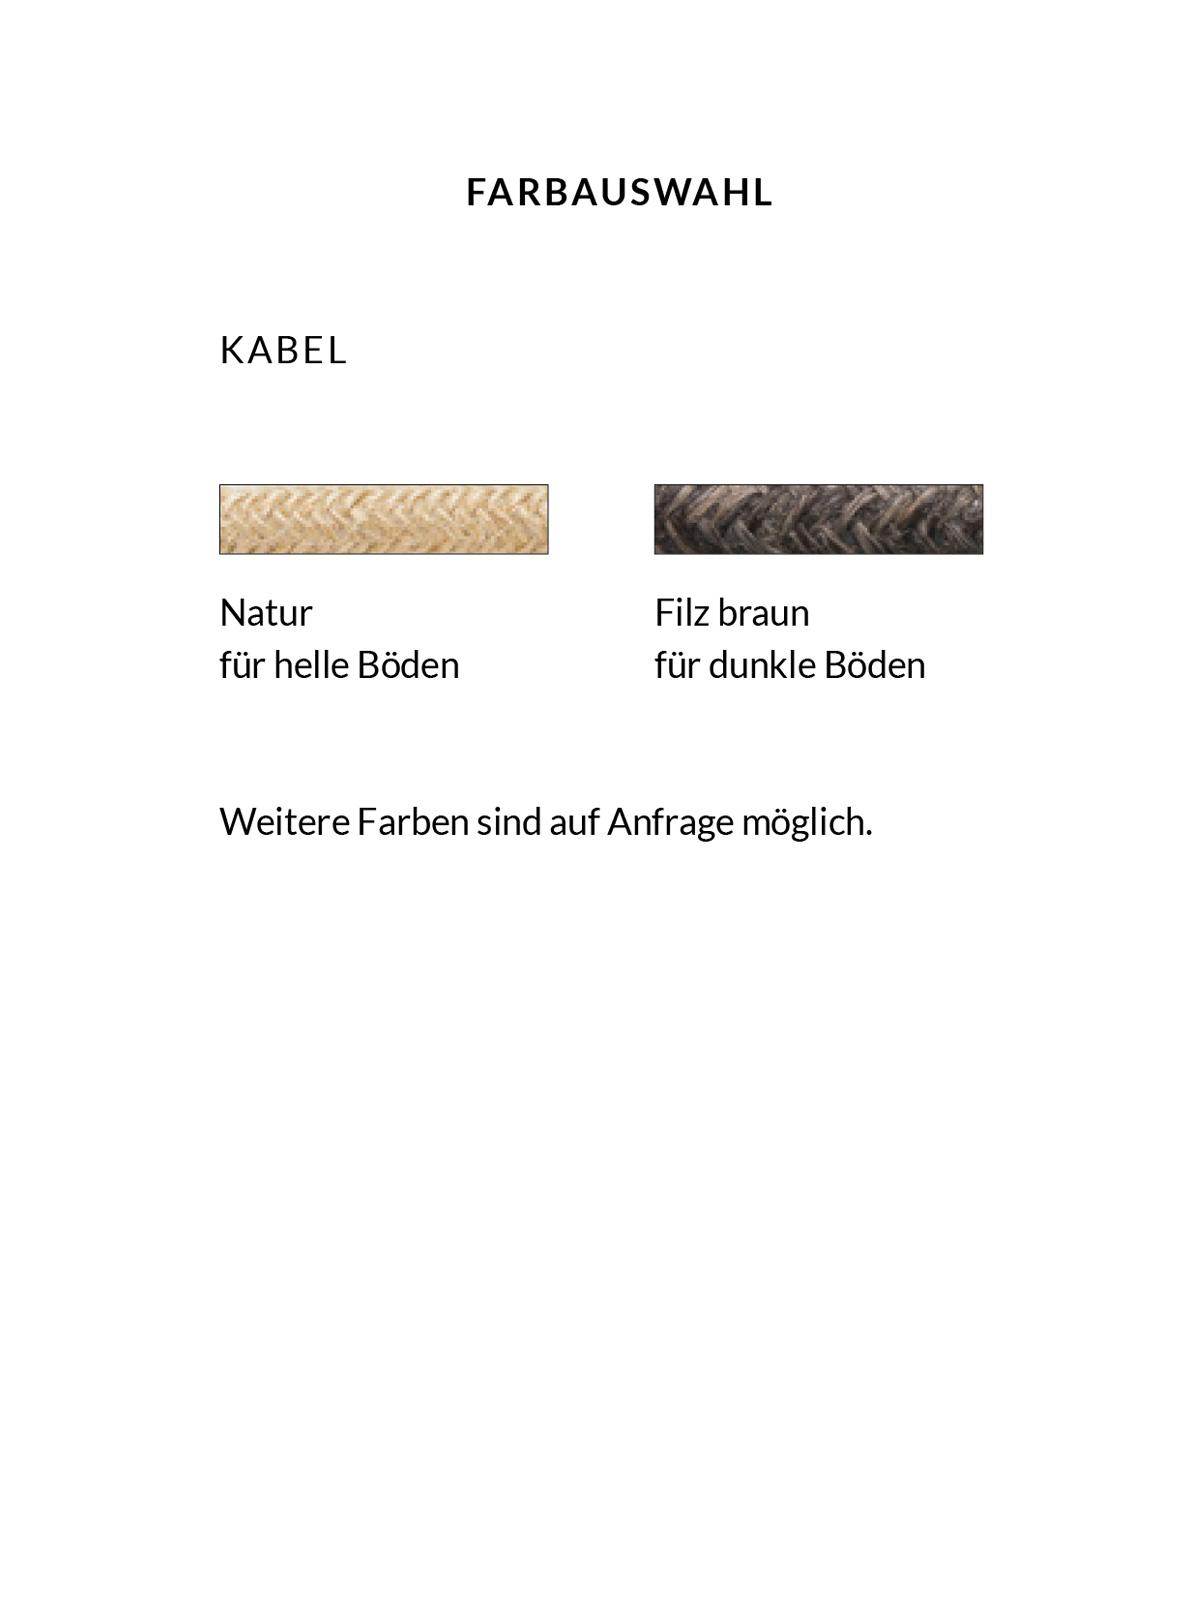 Rutuu Floor Stehleuchte Maeru DesignOrt Berlin Design Onlineshop Leuchten